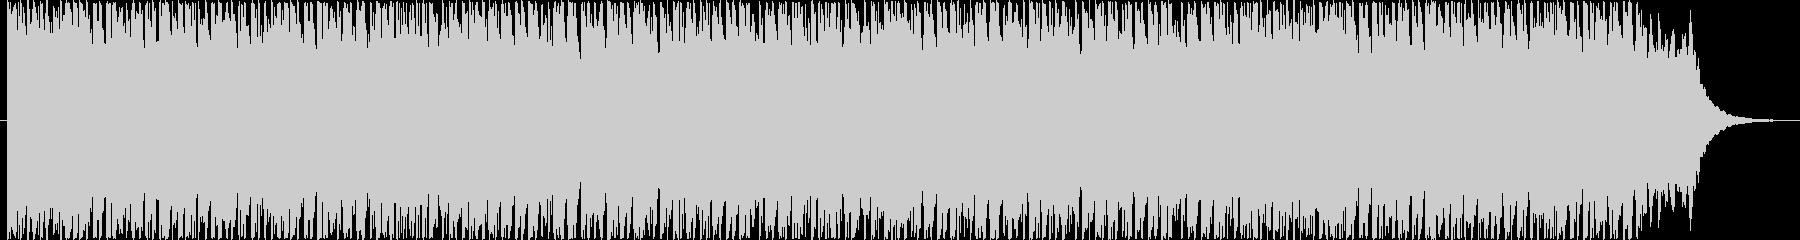 疾走感溢れるテクノ風BGMの未再生の波形